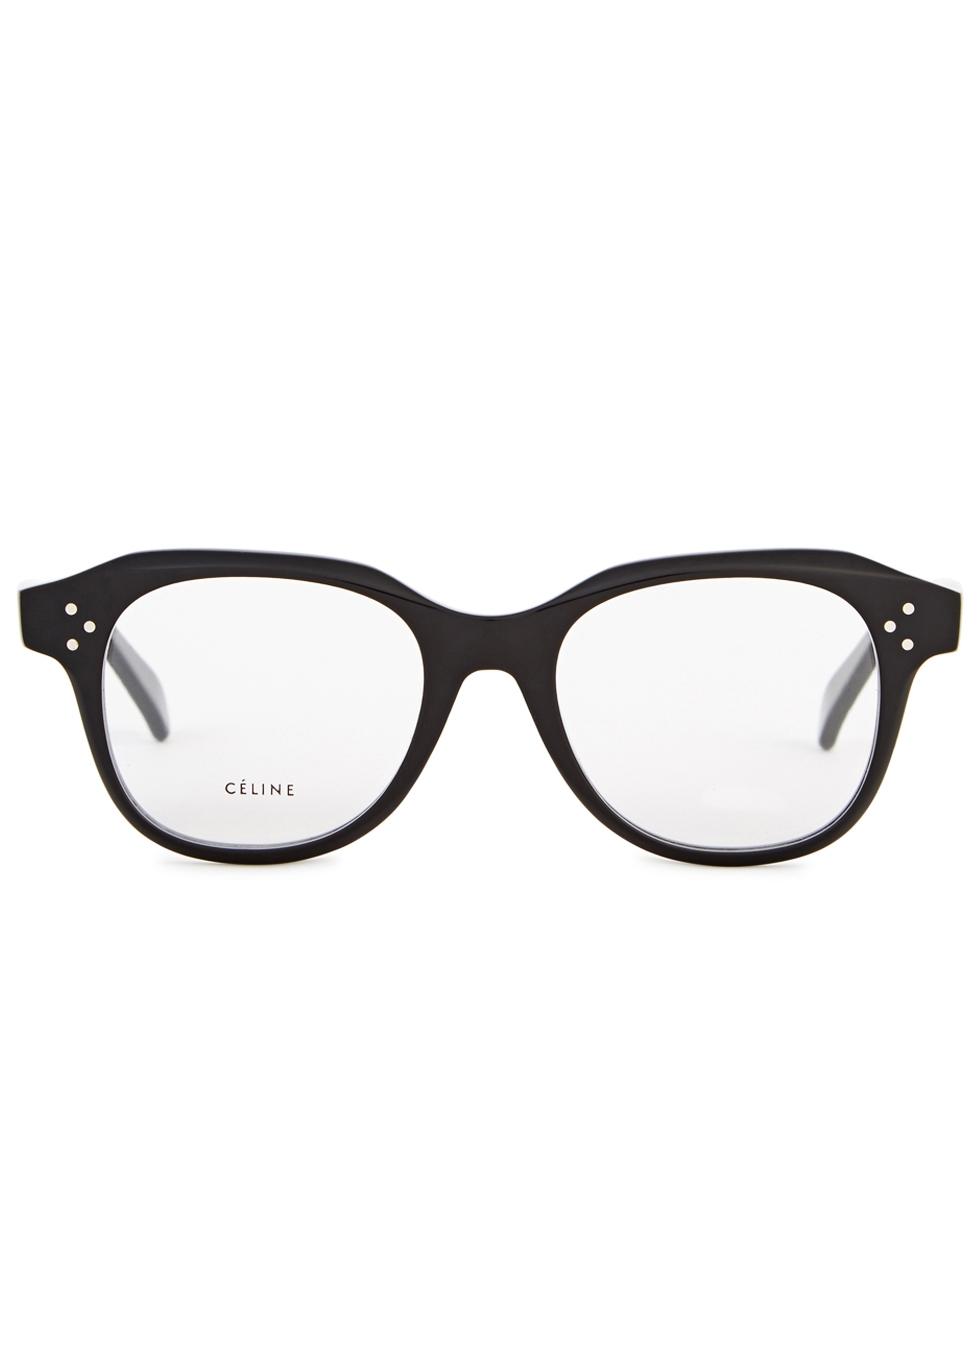 Emily oval-frame optical glasses - Celine